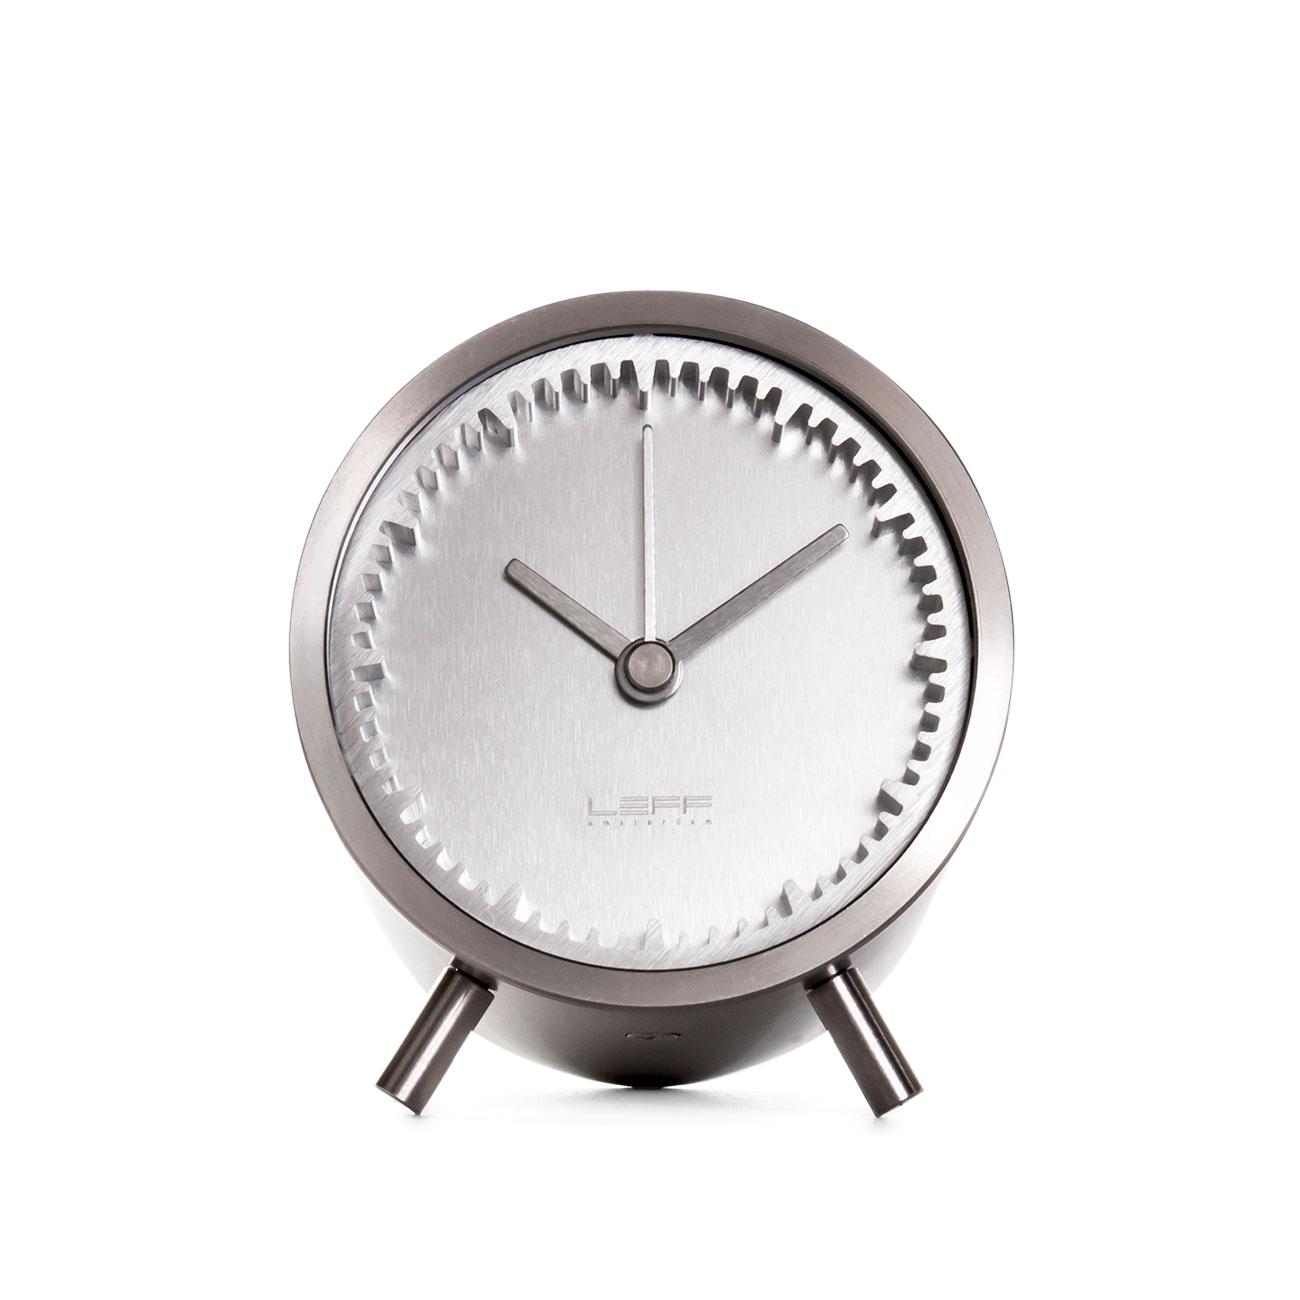 Leff Amsterdam & Piet Hein Eek's Tube Clock, Stainless Steel